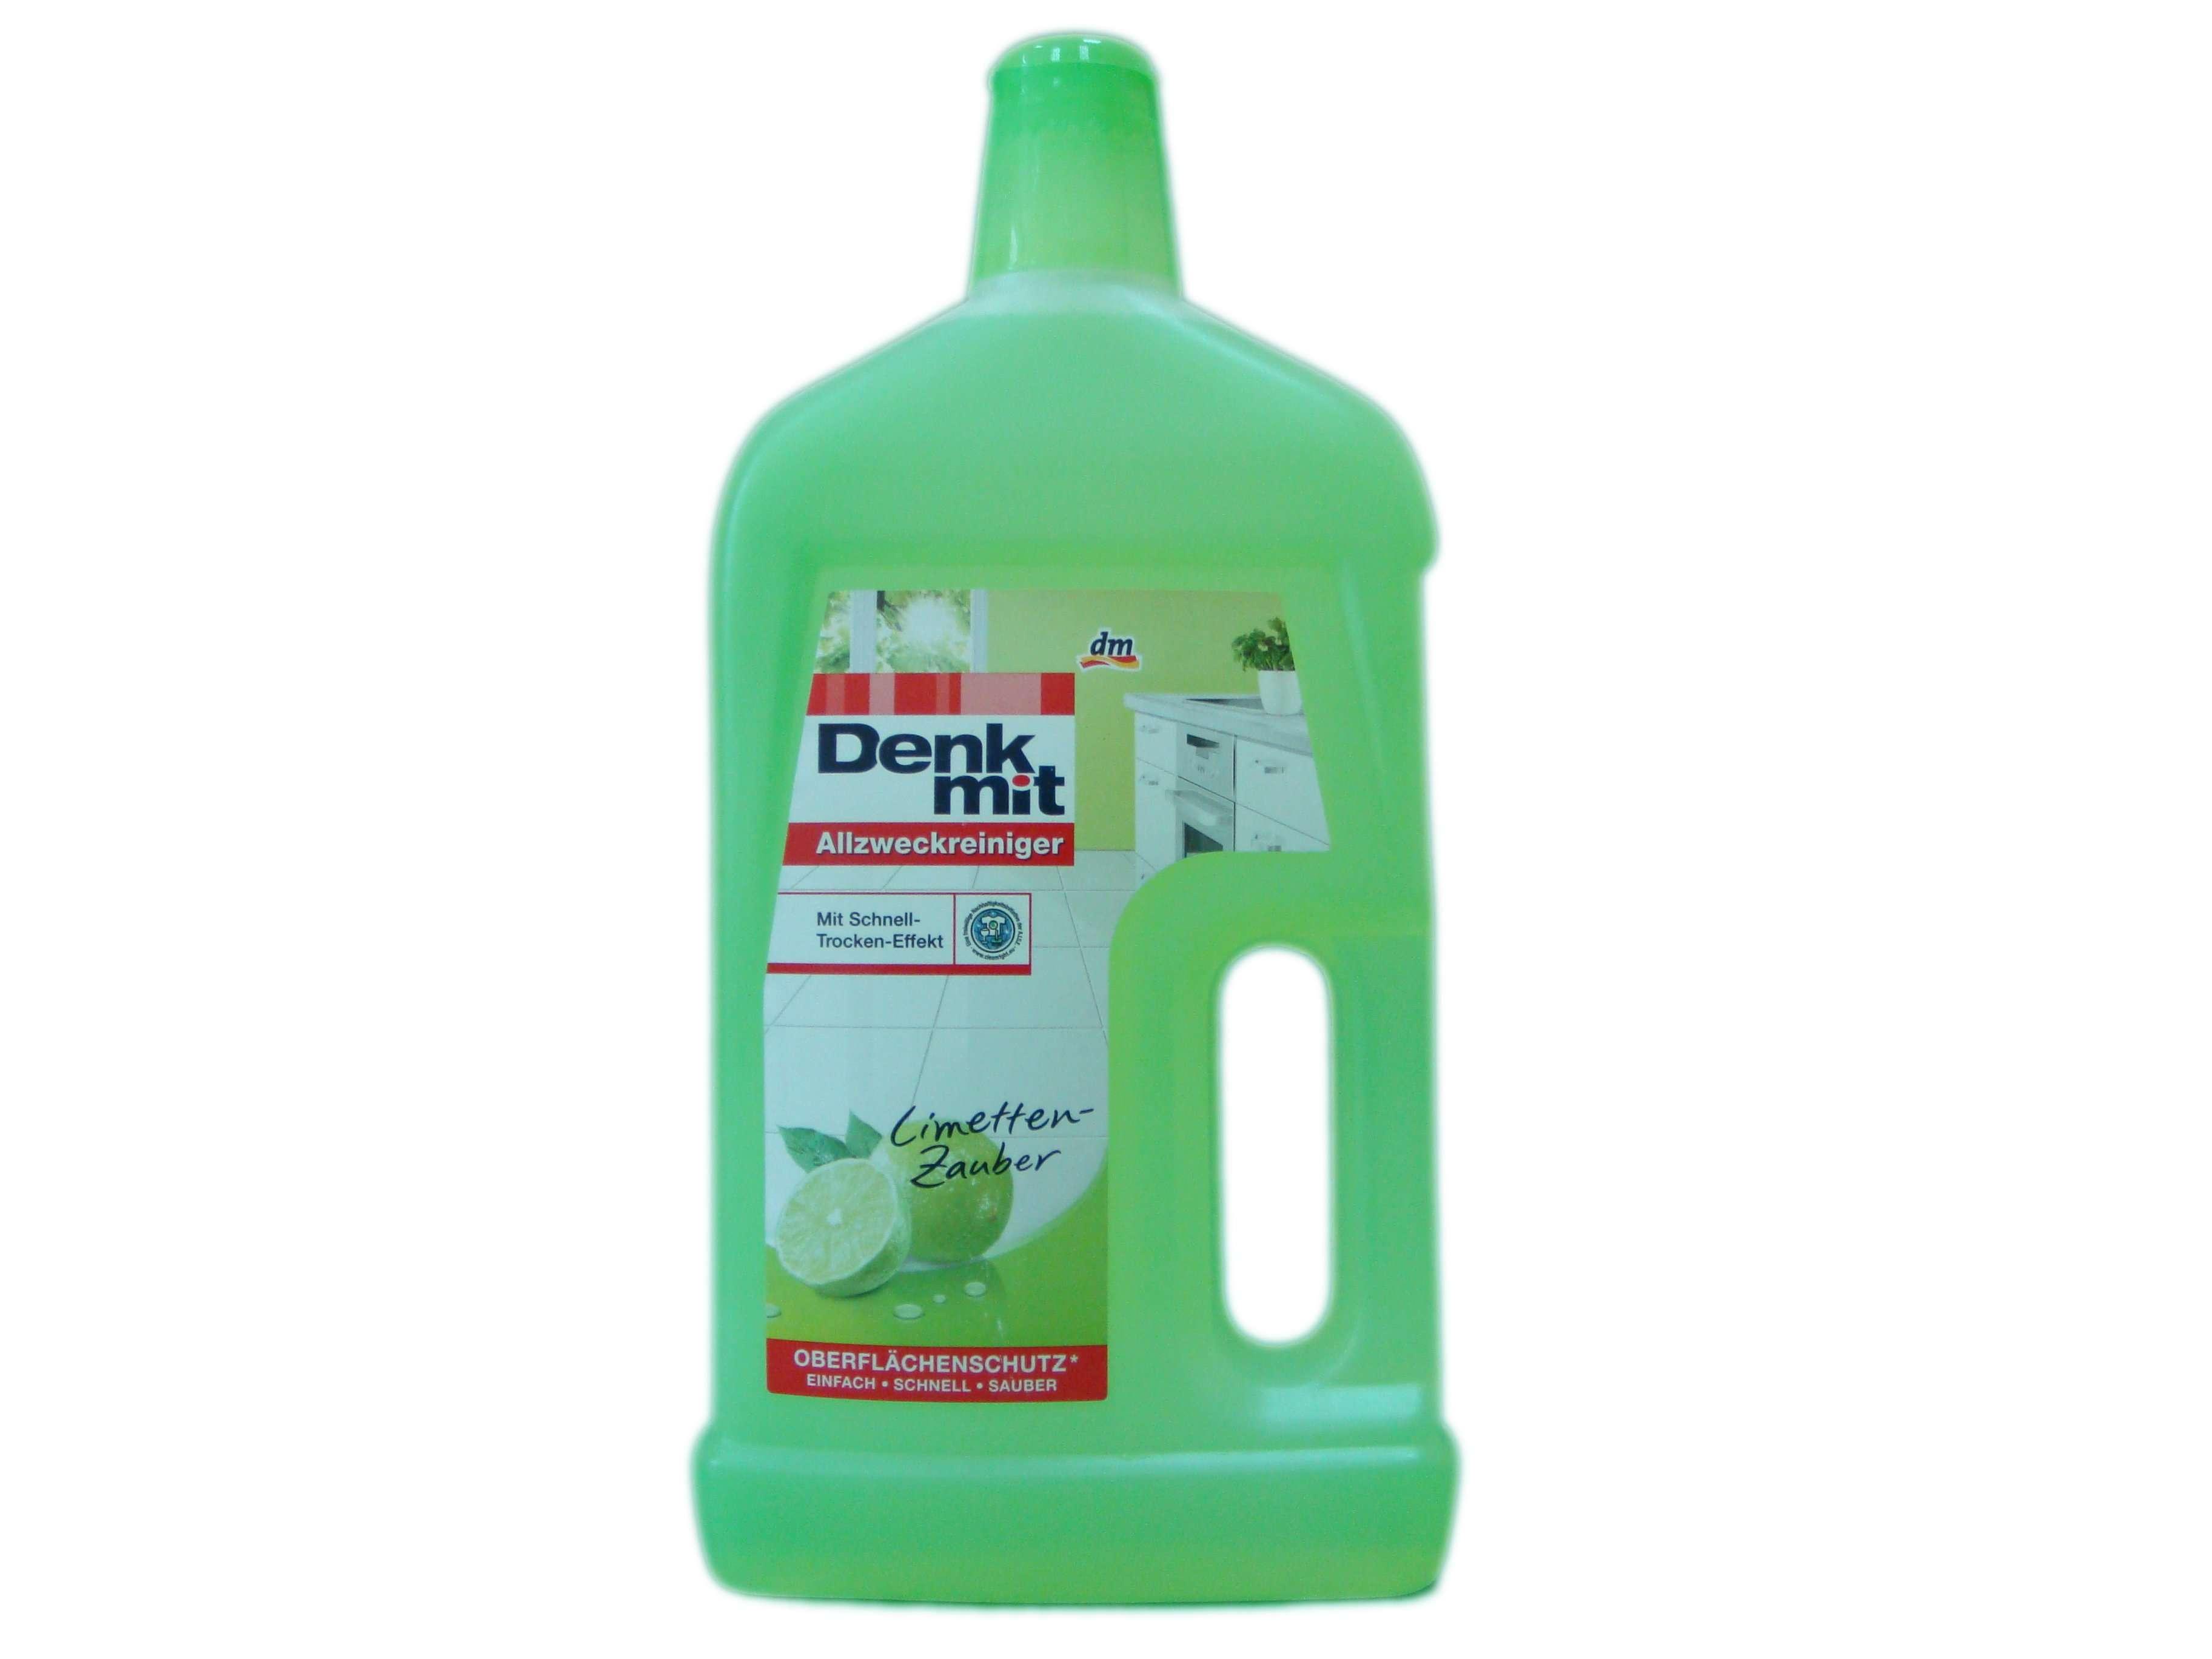 Моющее средство для всех поверхностей Denkmit Limetten-Zauber